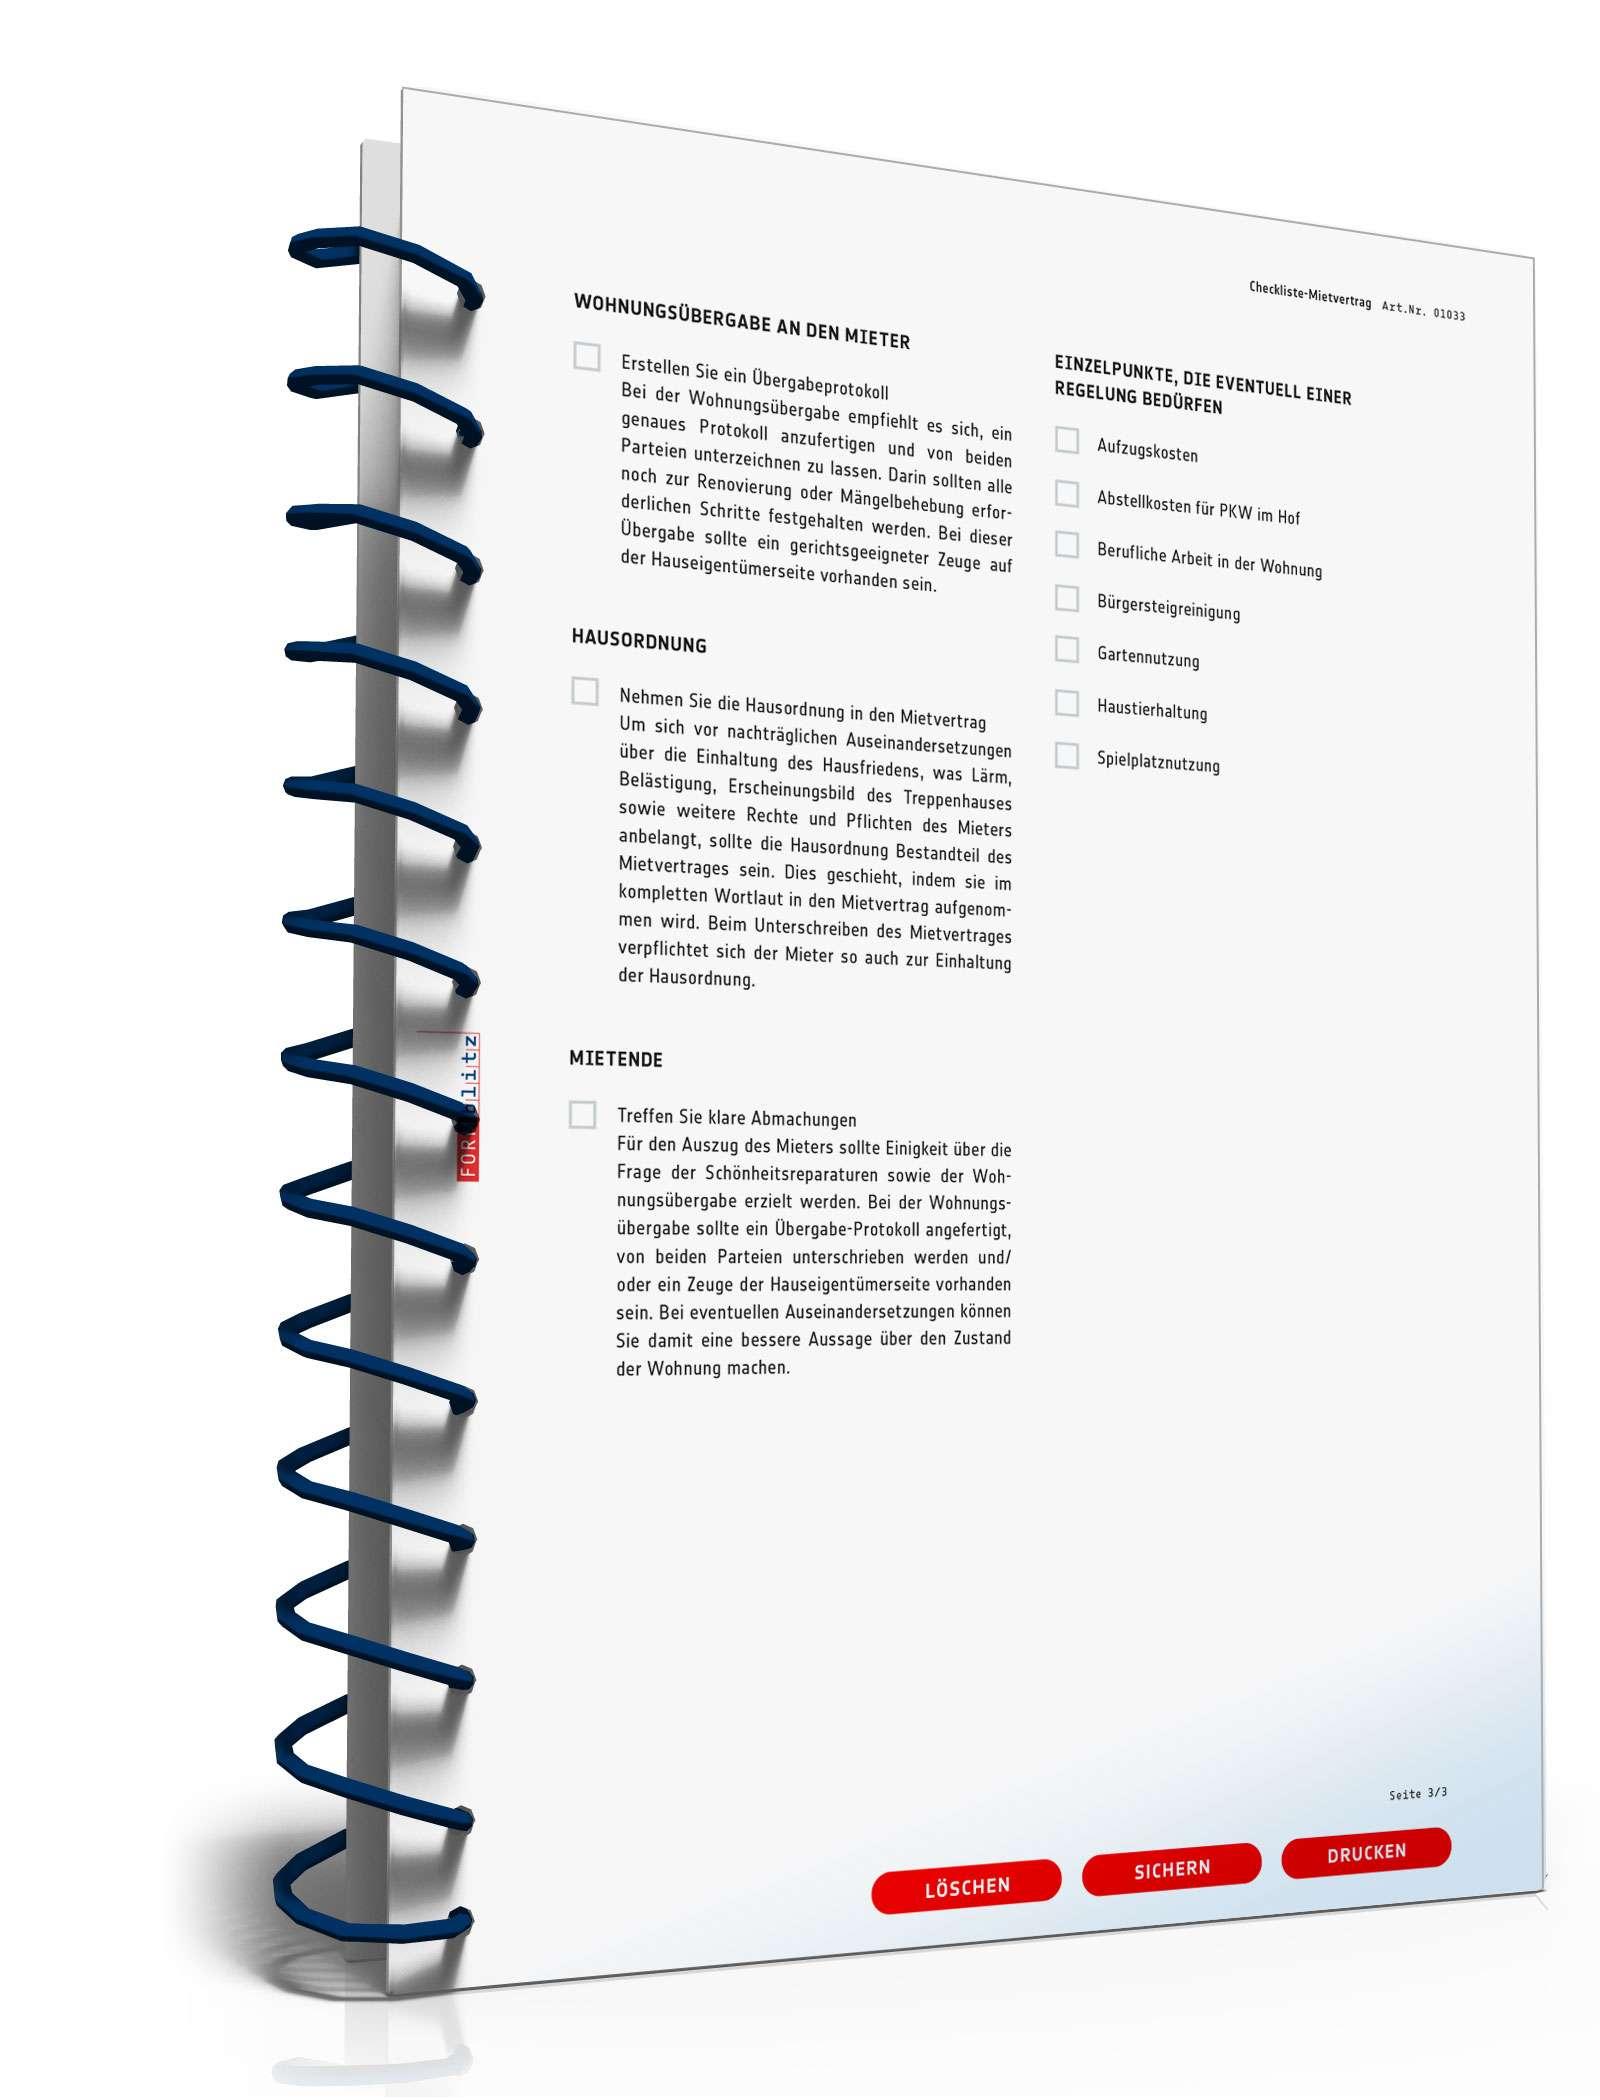 checkliste vermietung vorlage zum download. Black Bedroom Furniture Sets. Home Design Ideas